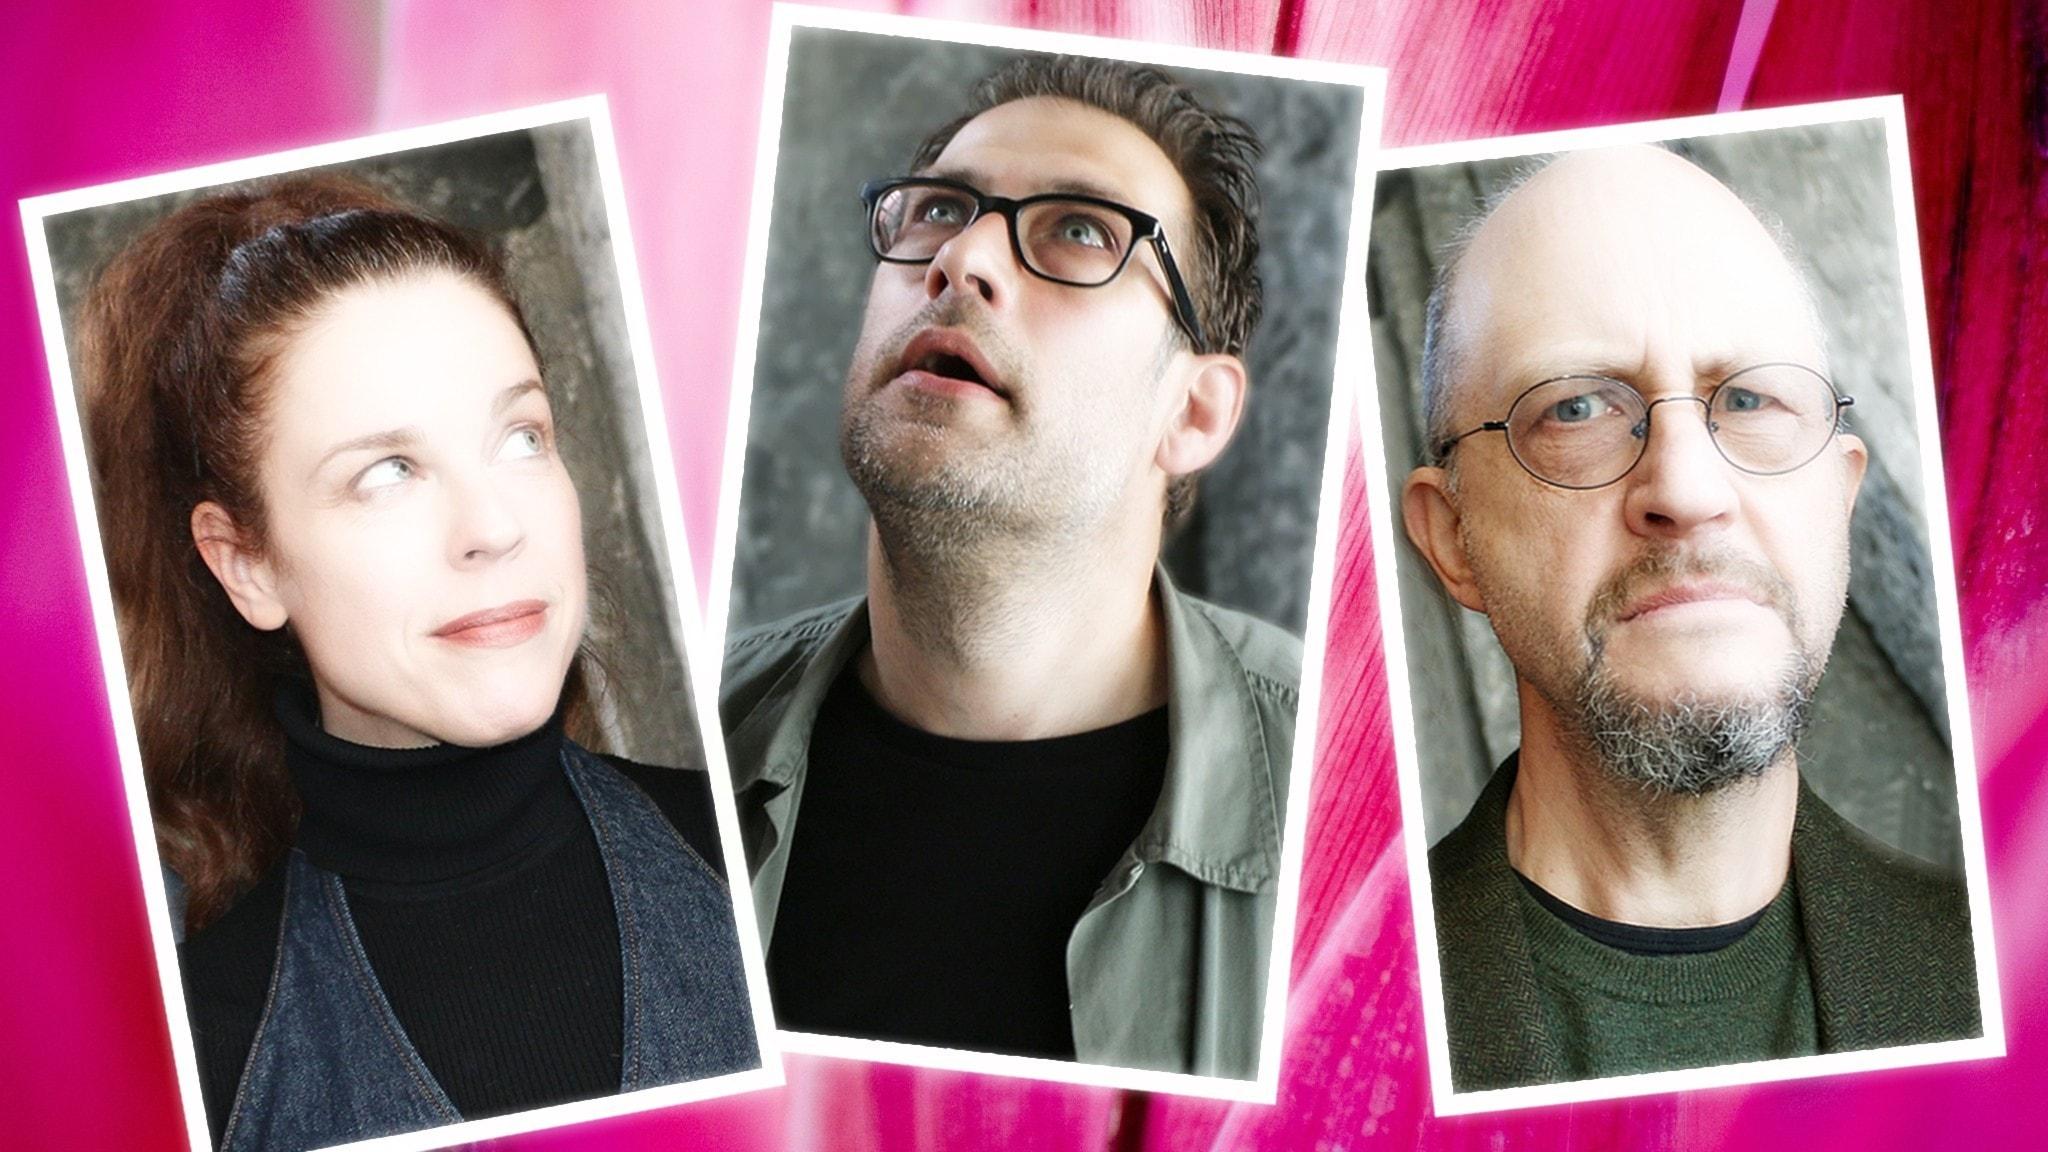 Bildkollage mot rosa bakgrund av Jessika Gedin Niklas Källner och Per Naroskin som är veckans spanare. Foto Ronnie Ritterland/Sveriges Radio